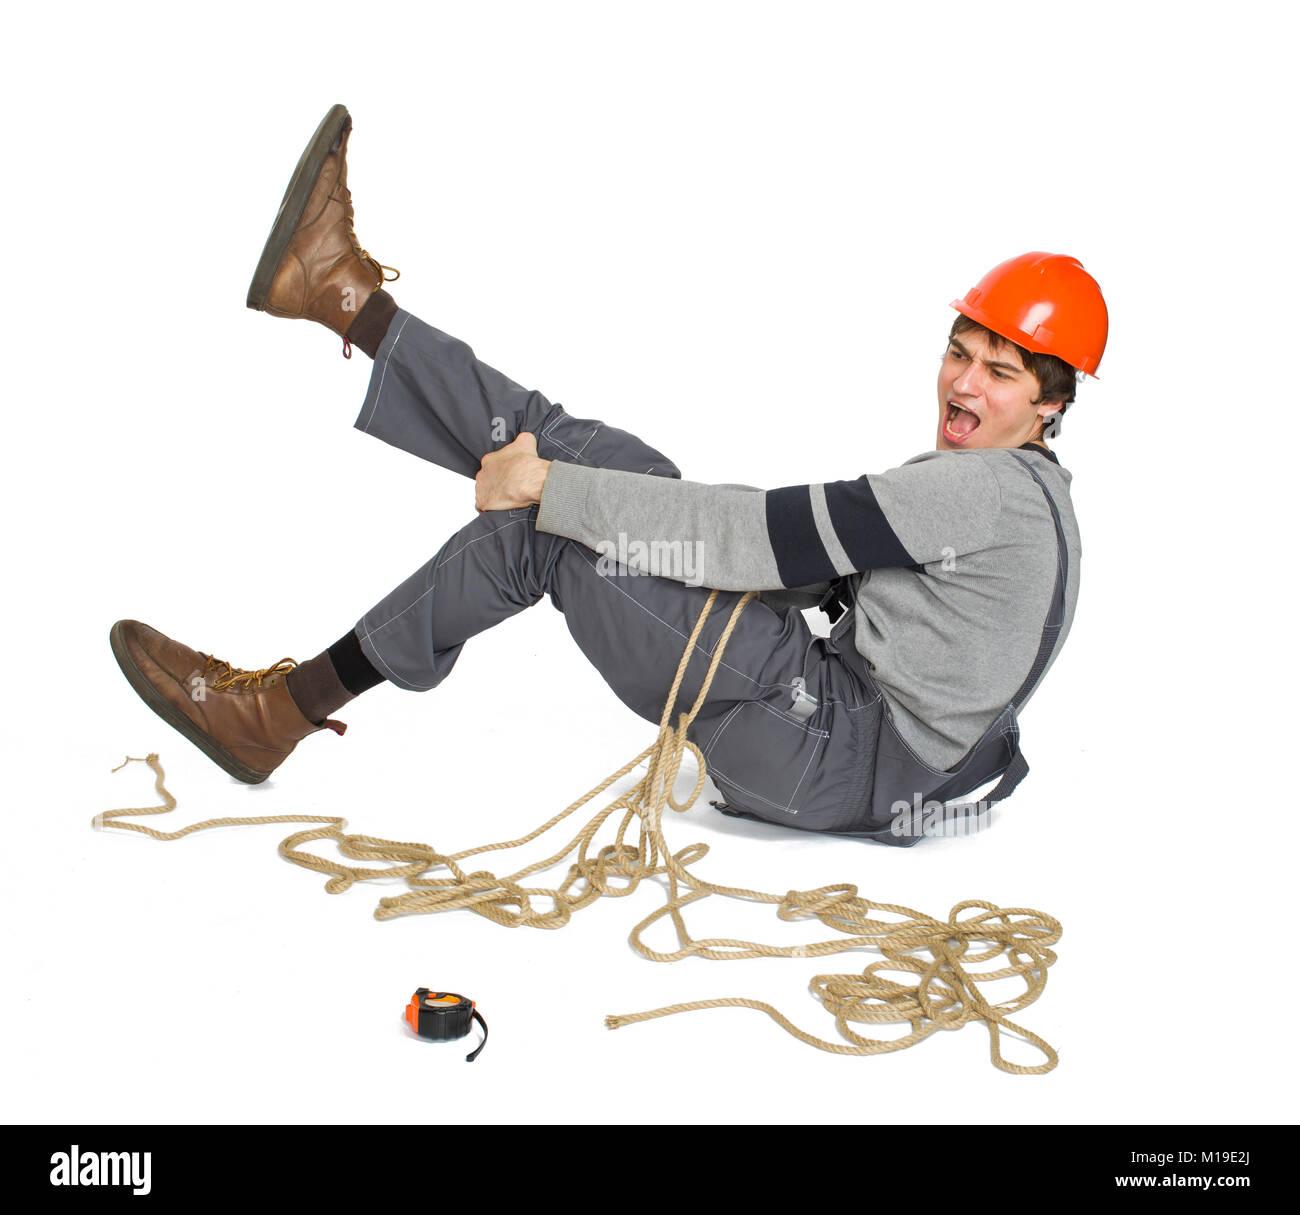 Un joven trabajador en uniforme gris atada con cuerdas sobre fondo blanco aisladas. Foto de stock